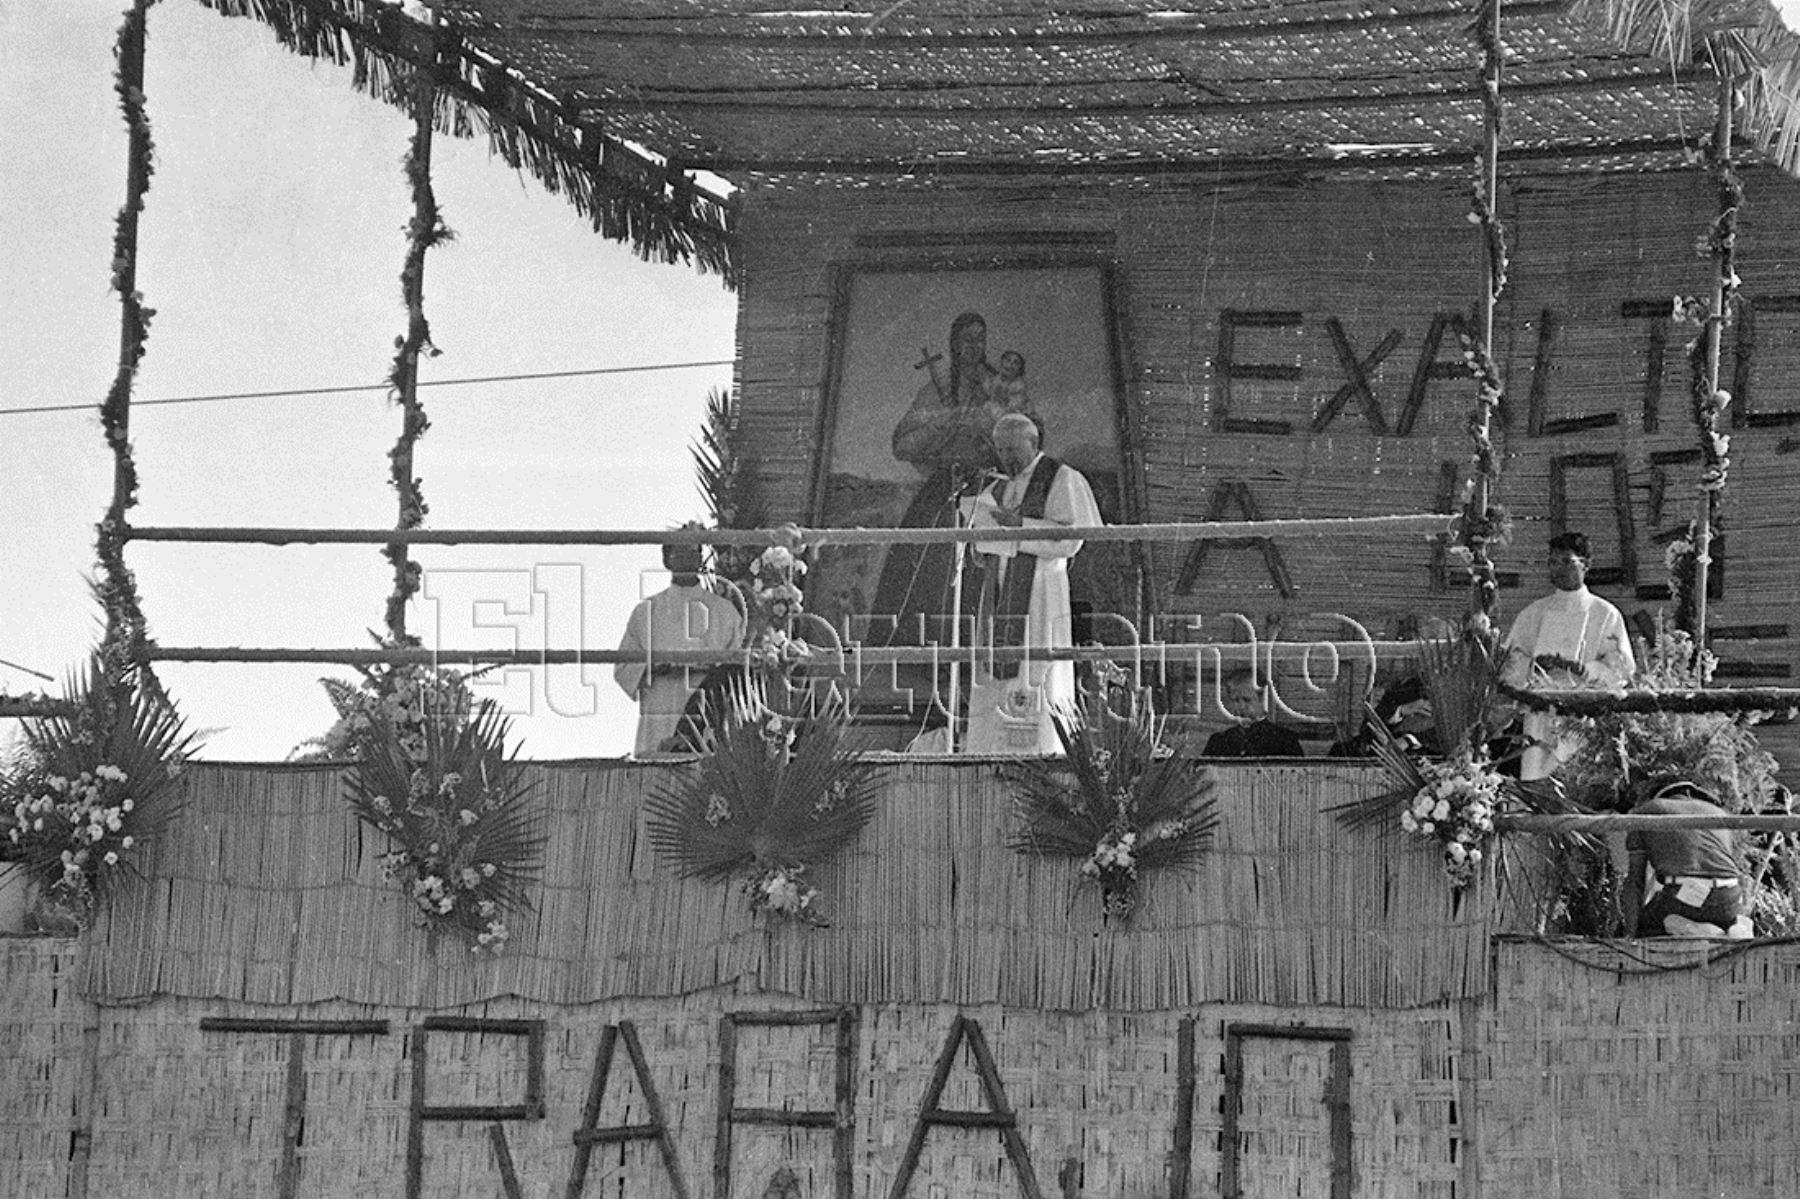 Lima (1985) Desde un estrado de esteras en Villa El Salvador, dirigió un mensaje de fe a la multitud.